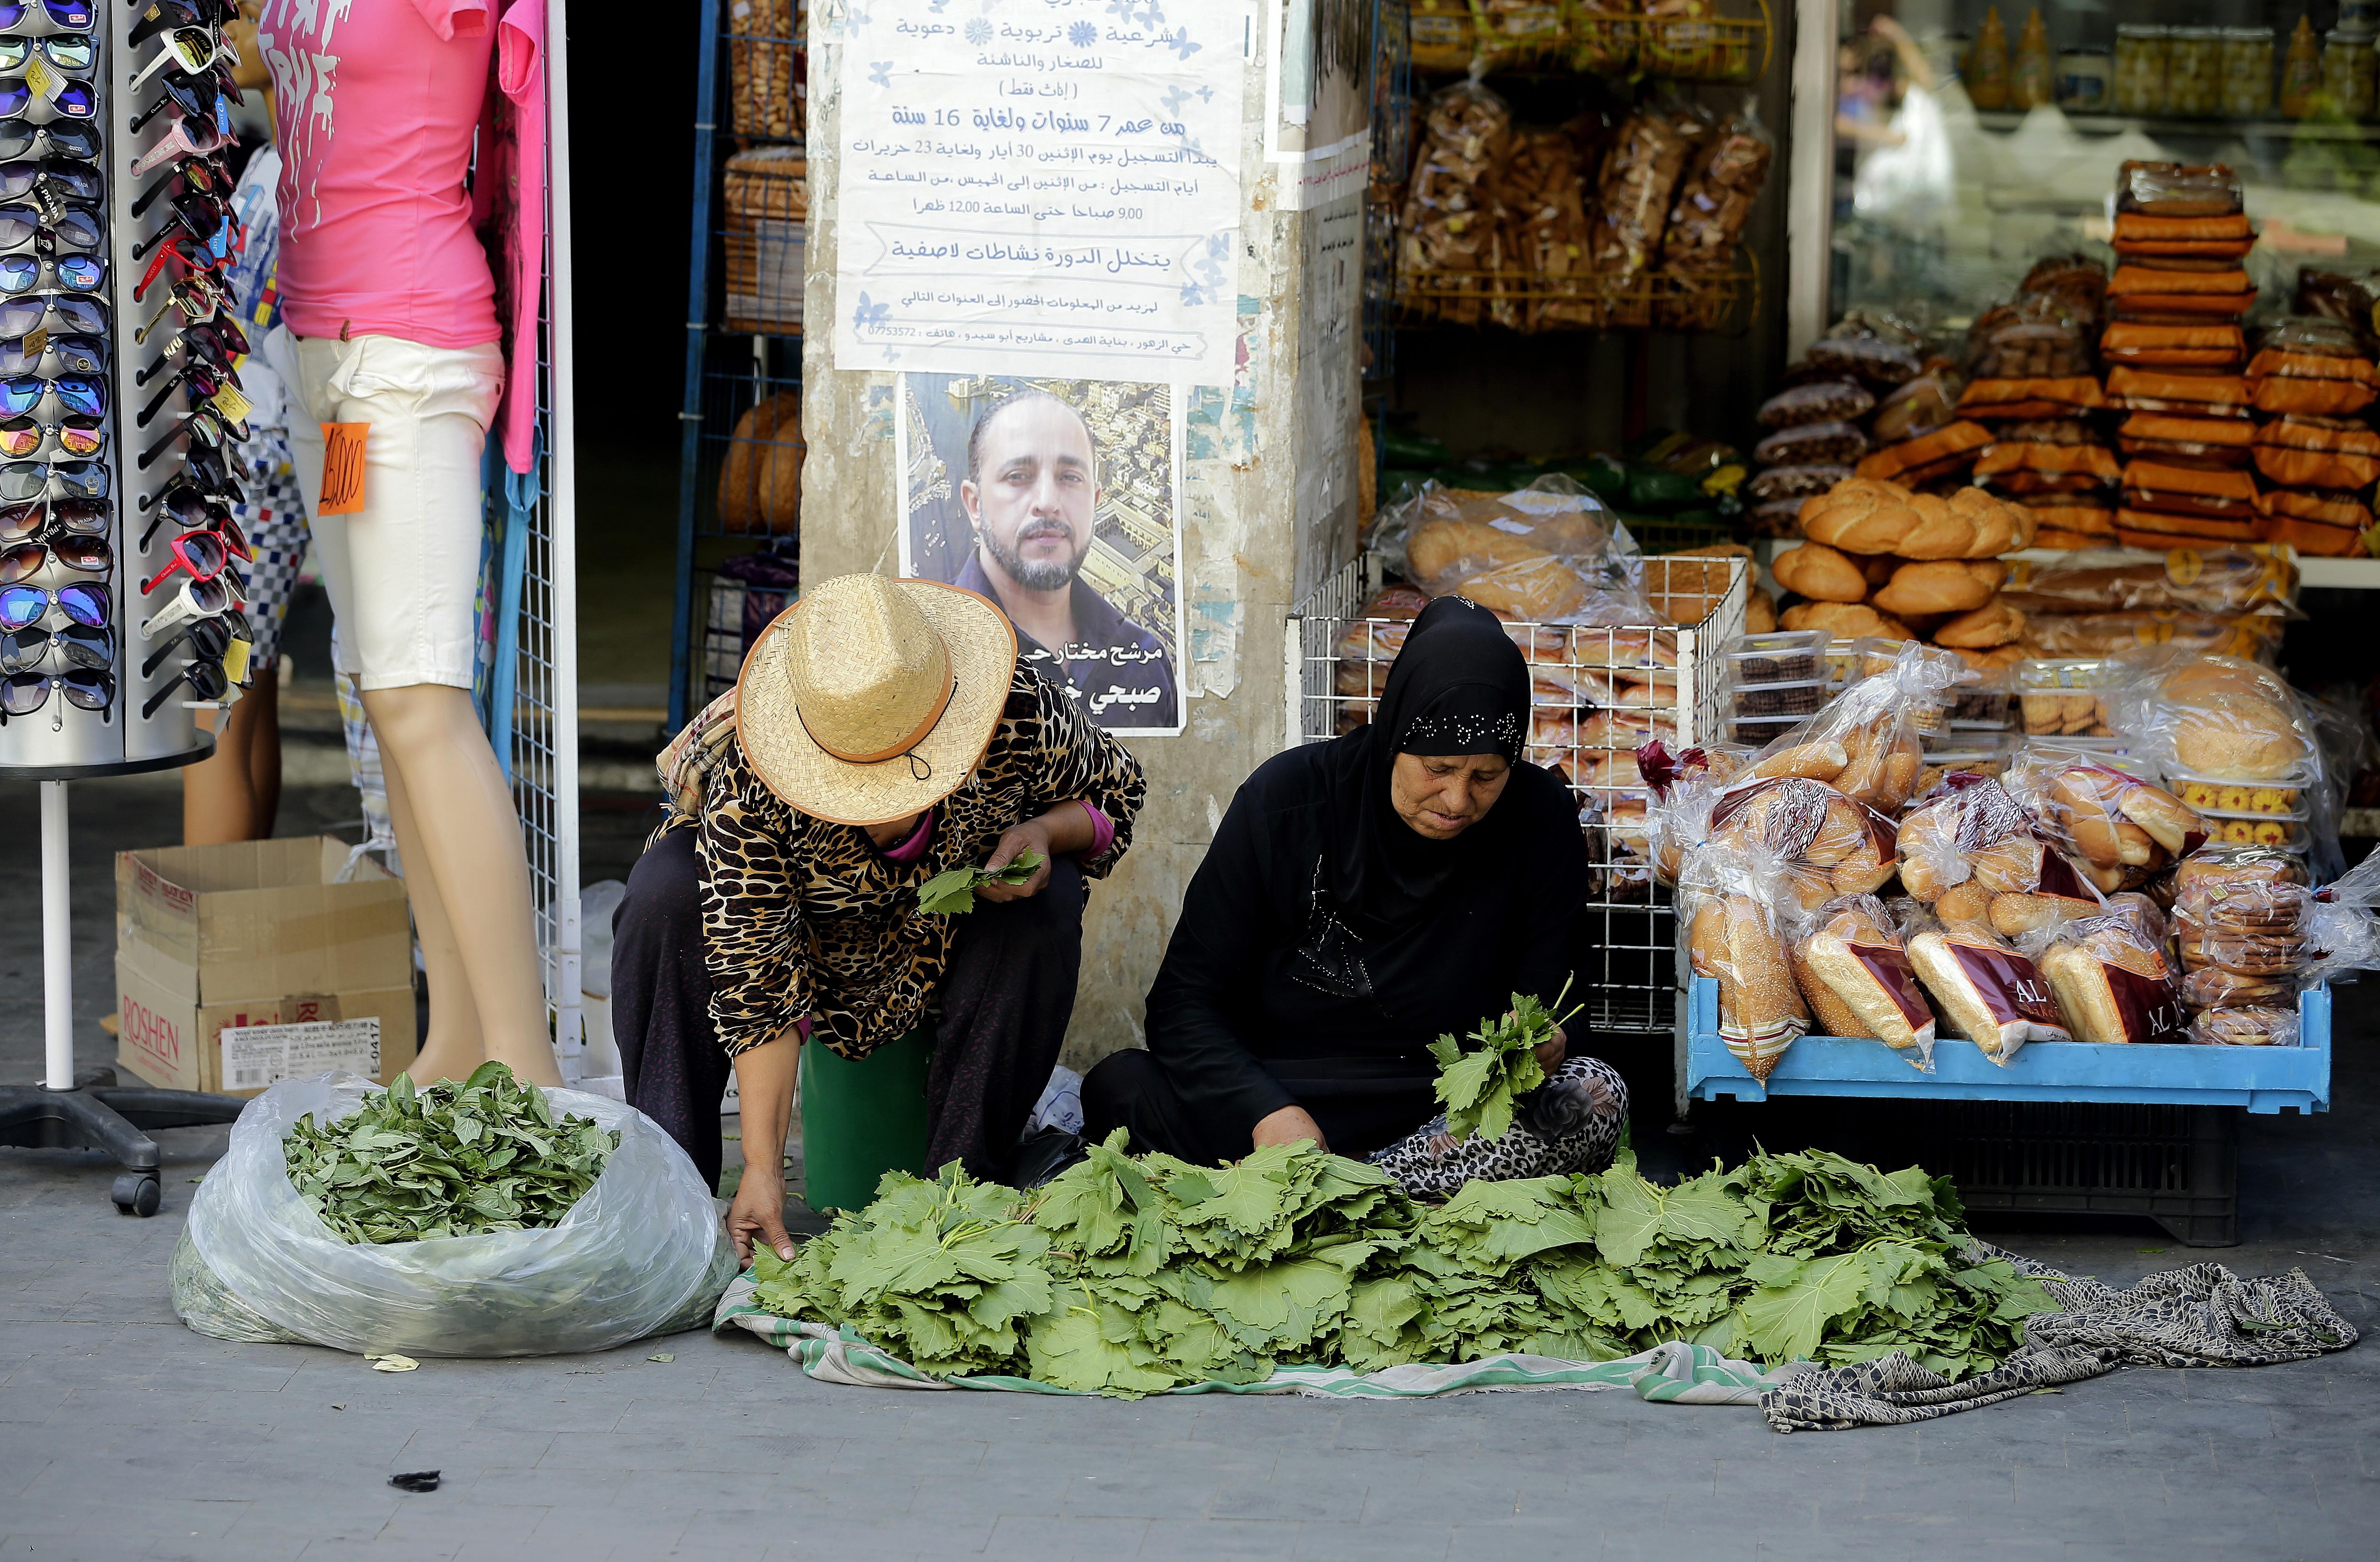 لبنانية تبيع بضاعتها للصائمين في الشارع